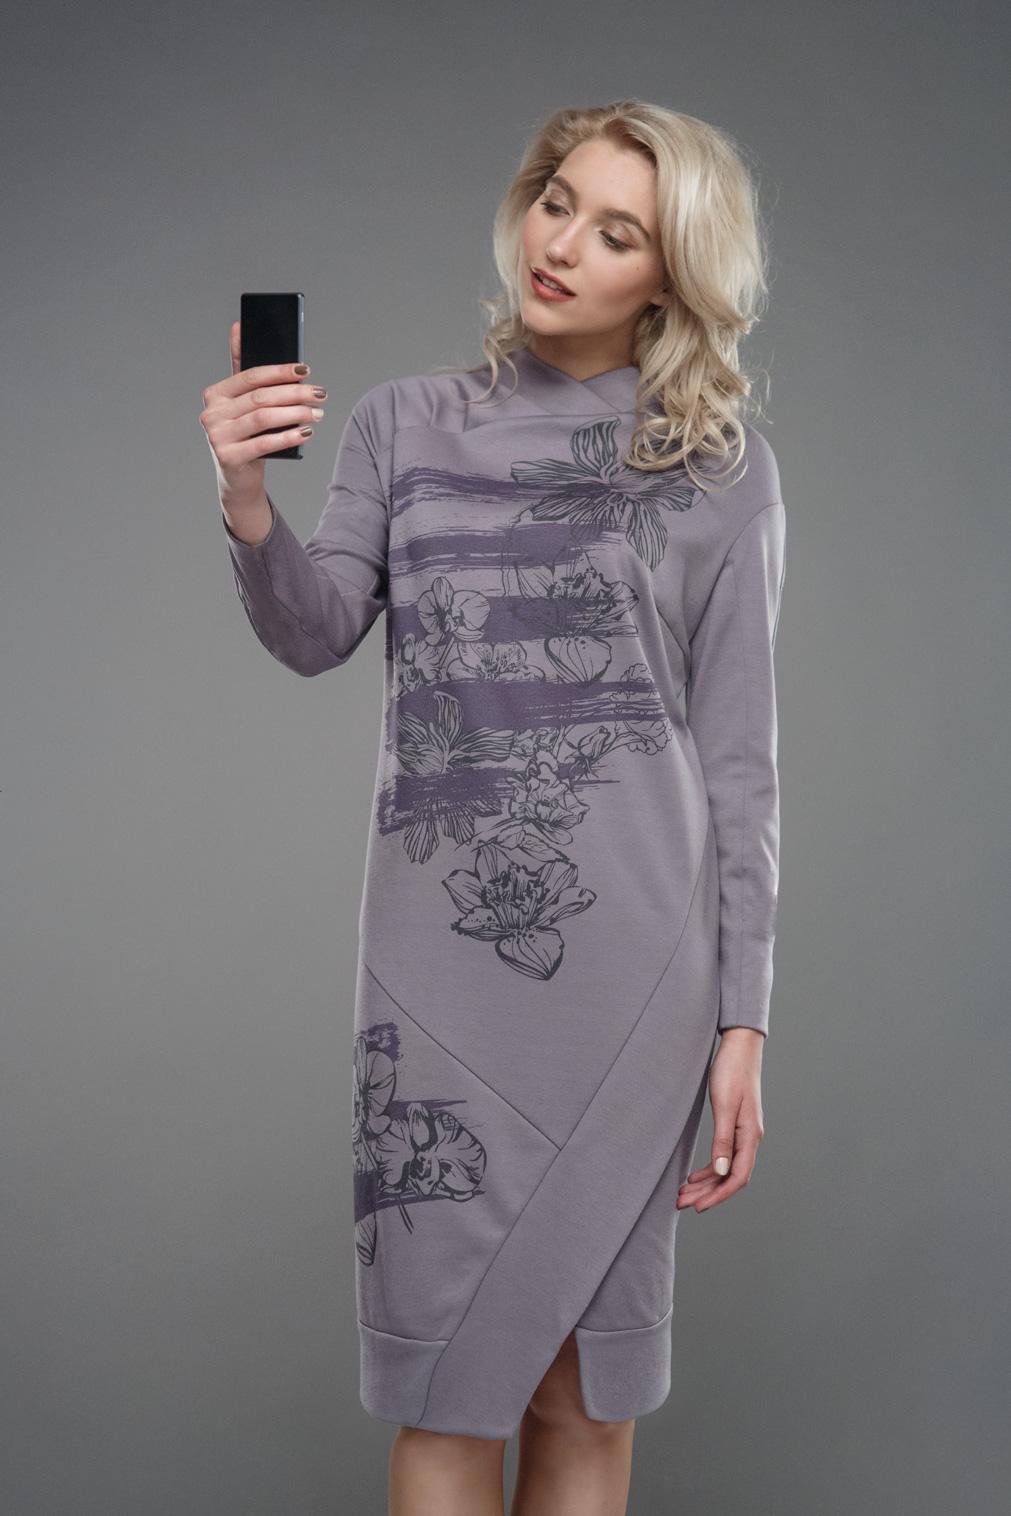 Сбор заказов. Супер-распродажа на все коллекции,очень низкие цены!!! Романтичная, натуральная, всегда красивая белорусская Lеntа.Чувственная, нежная, женственная, сводящая с ума-72!!!